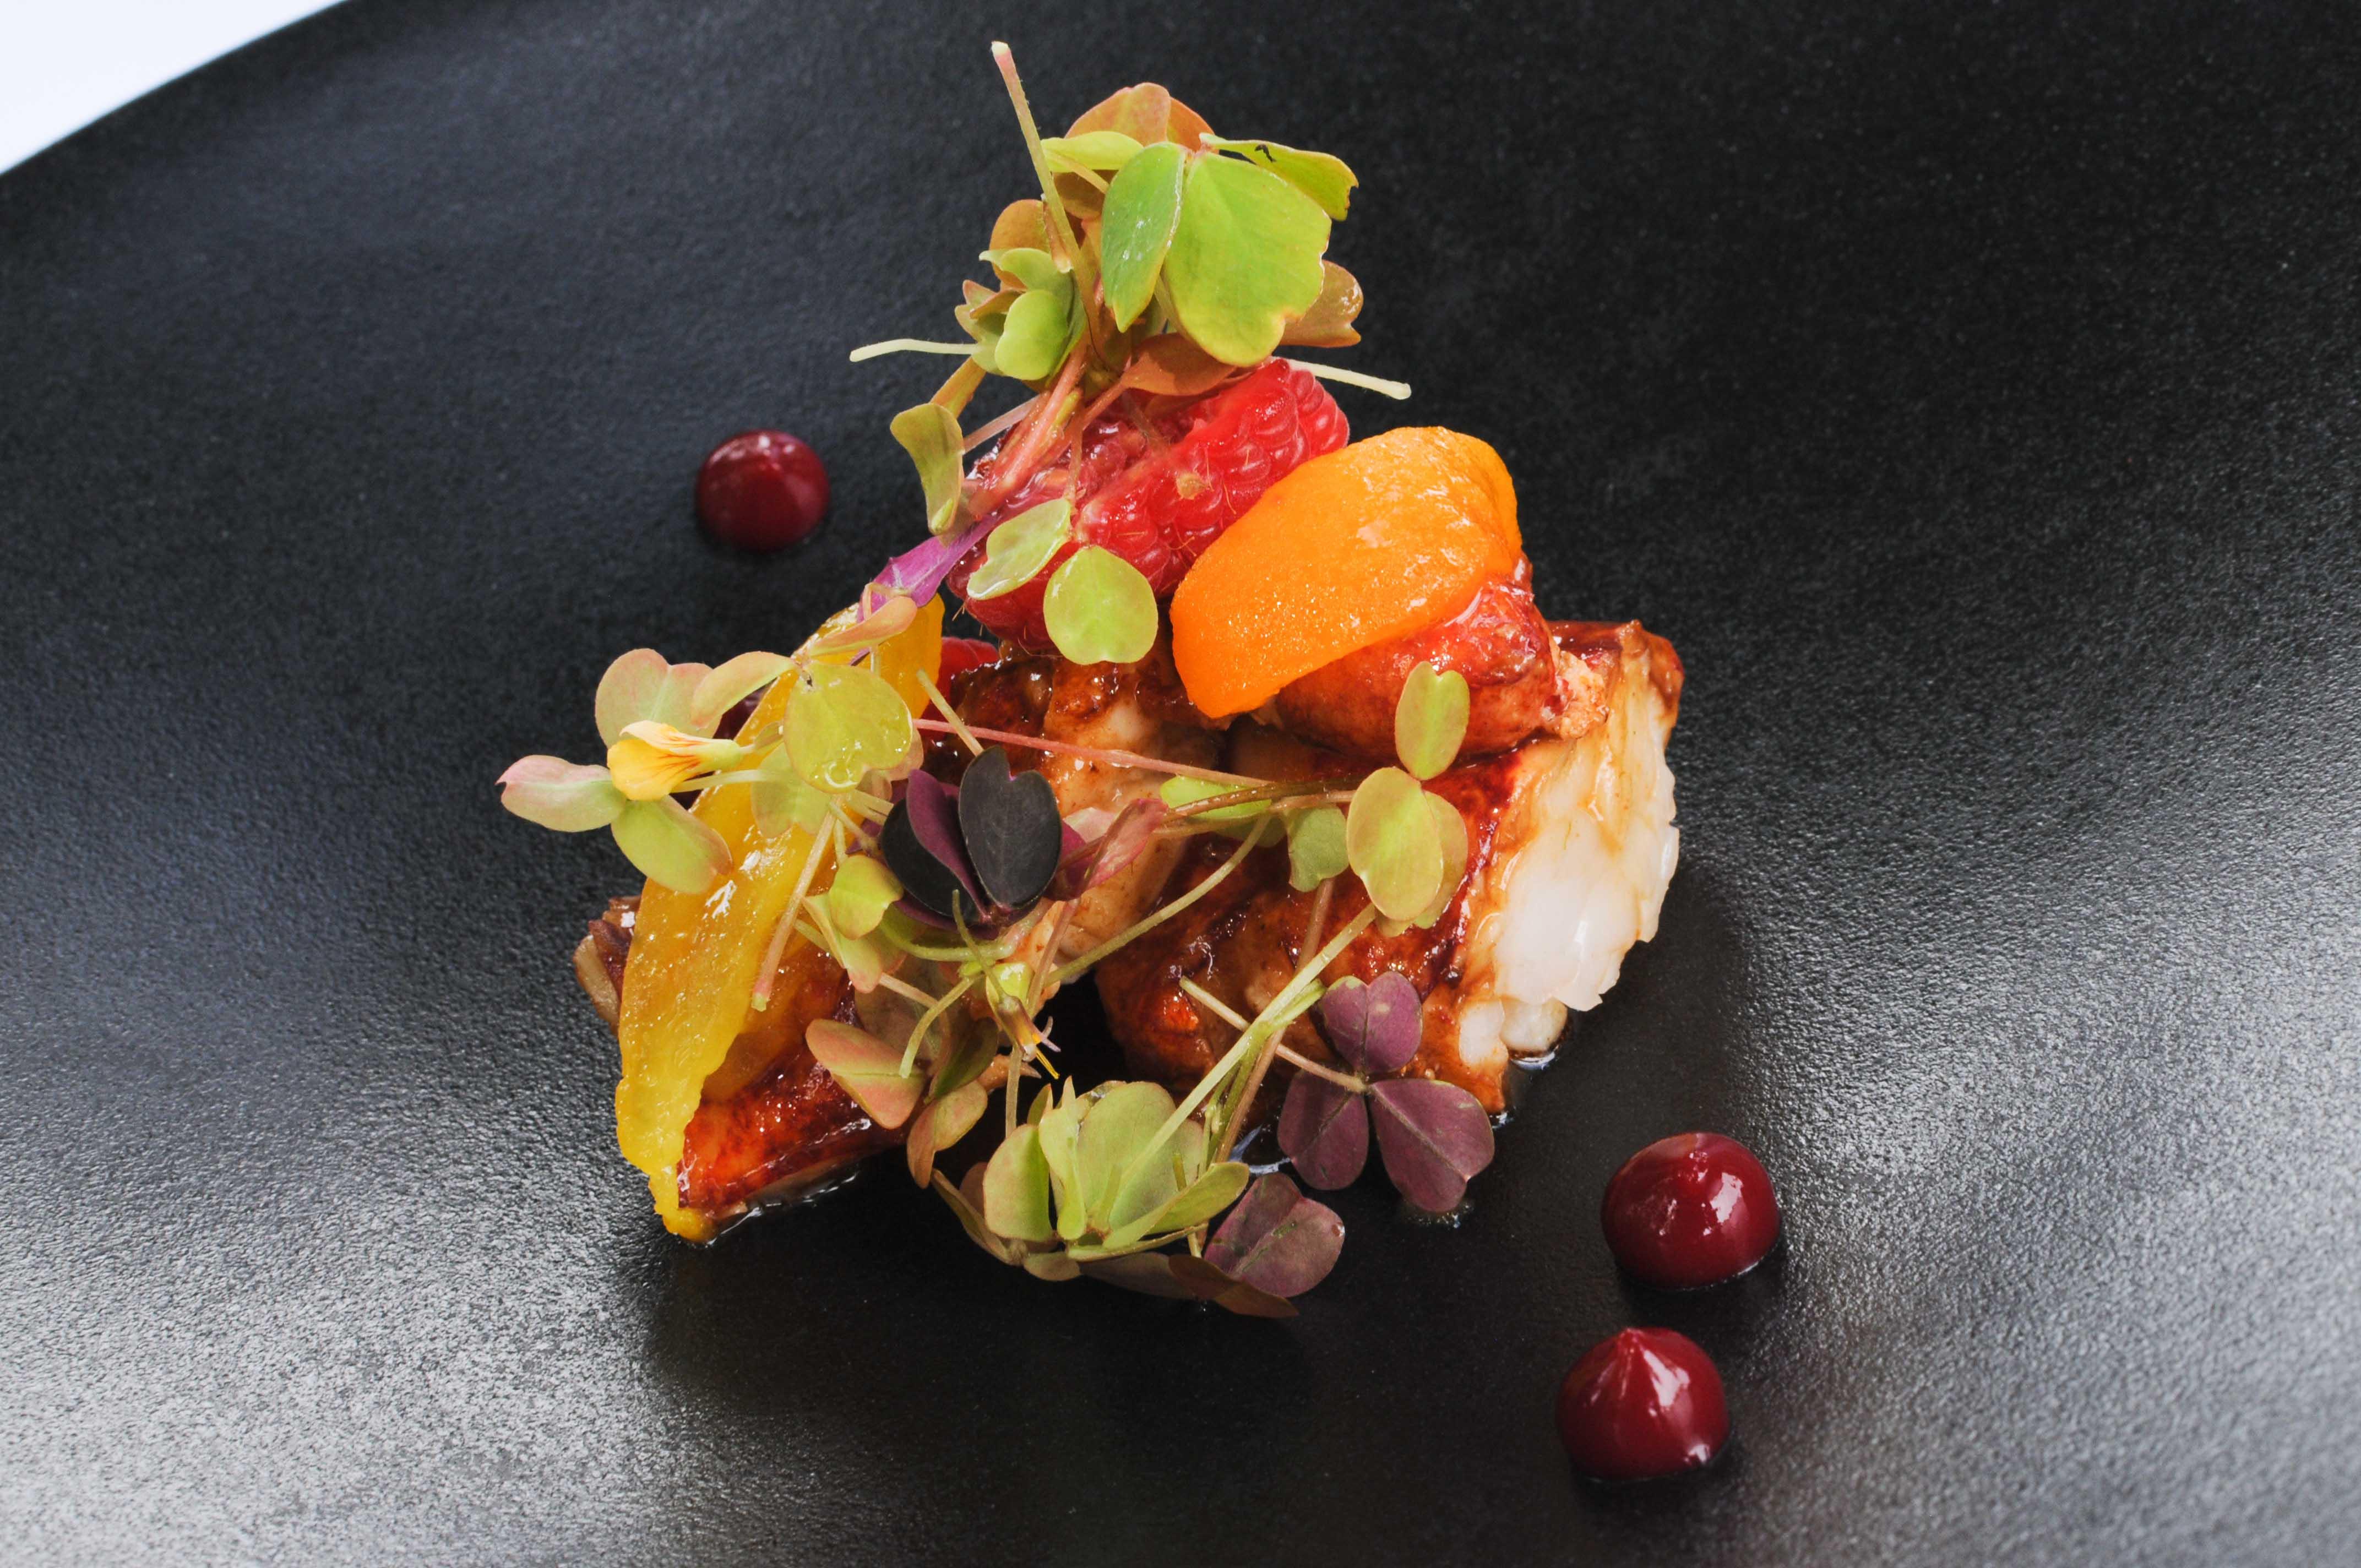 Déjeuner au restaurant Saint-James à Bouliac, par Nicolas Magie